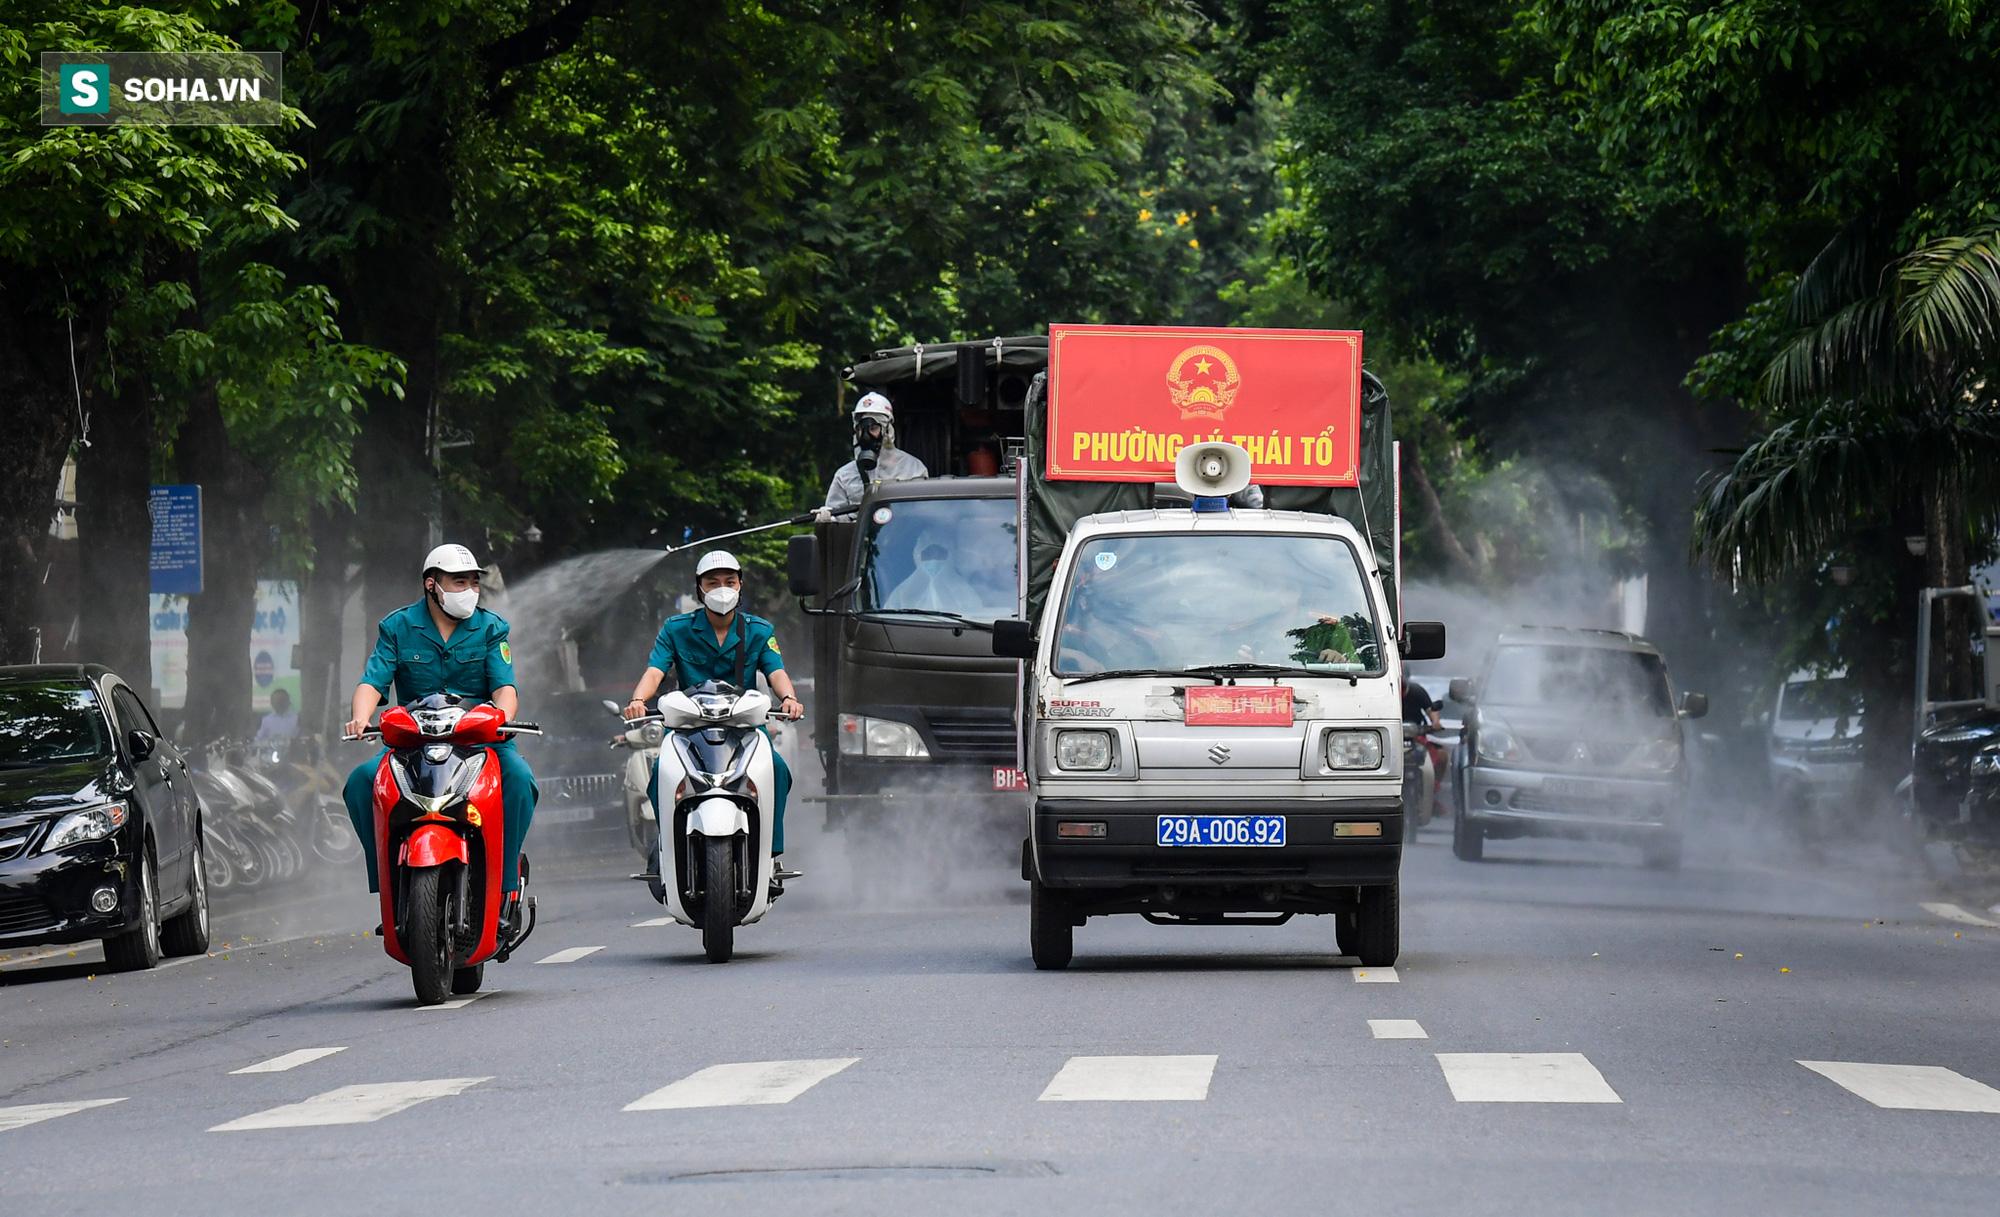 Cận cảnh 15 xe đặc chủng cùng 180 chiến sĩ phun khử khuẩn toàn bộ quận Hoàn Kiếm - Ảnh 6.